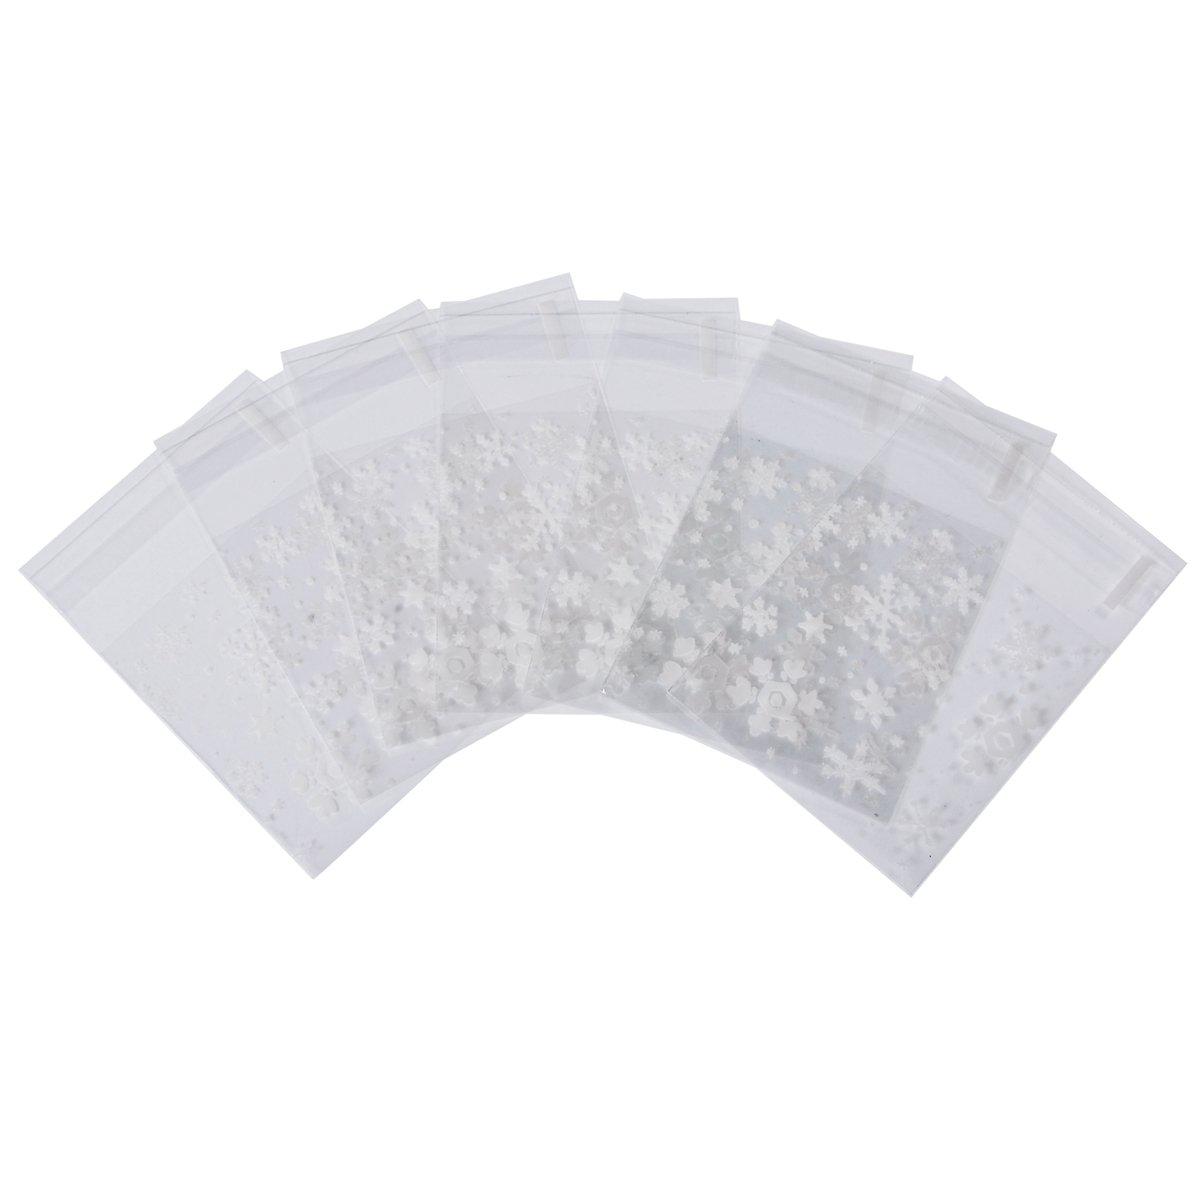 HOUSWEETY Weihnachten Schnee Tuetchen Druckverschlussbeutel Verpackungsbeutel 10.3x6.5cm, 50 Stk HOUSWEETYB94827